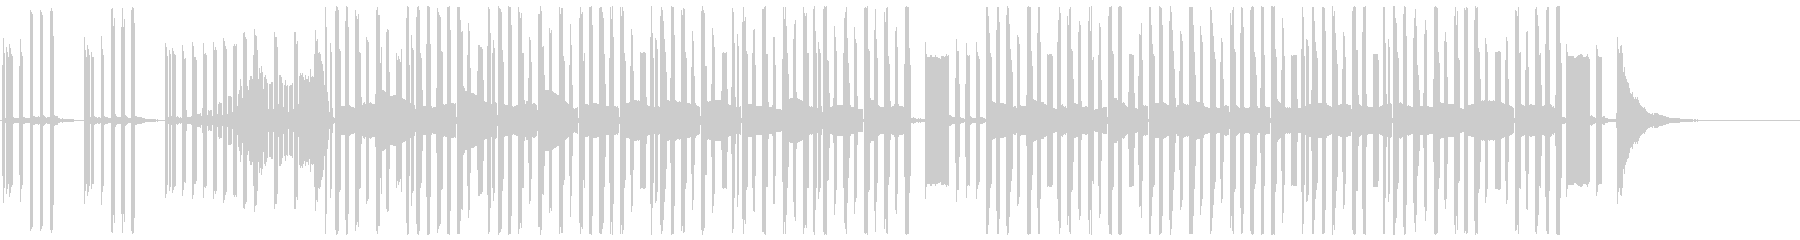 3分クッキングっぽい曲_最短Verの未再生の波形